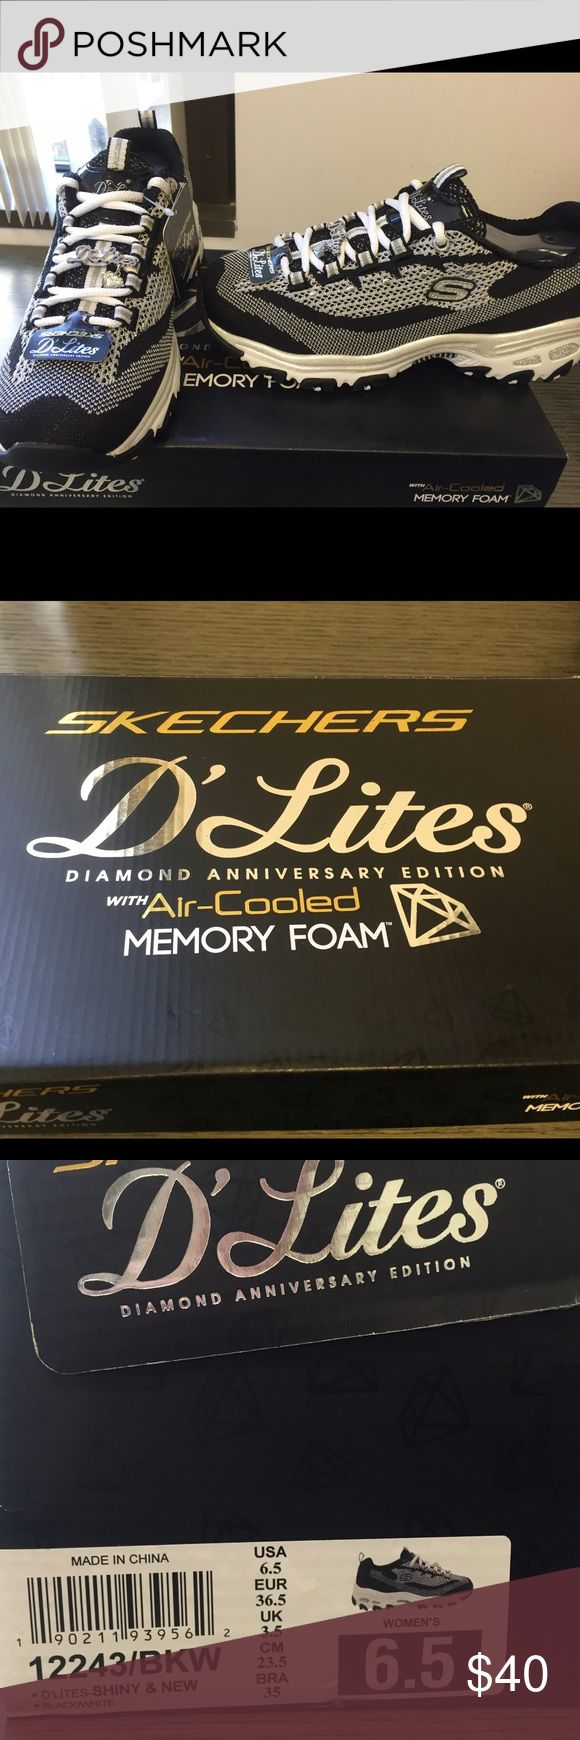 Deelites Skechers women's sneakers Black silver and white Skechers sneakers, dazzling, memory foam, air-cooling. Skechers Shoes Sneakers